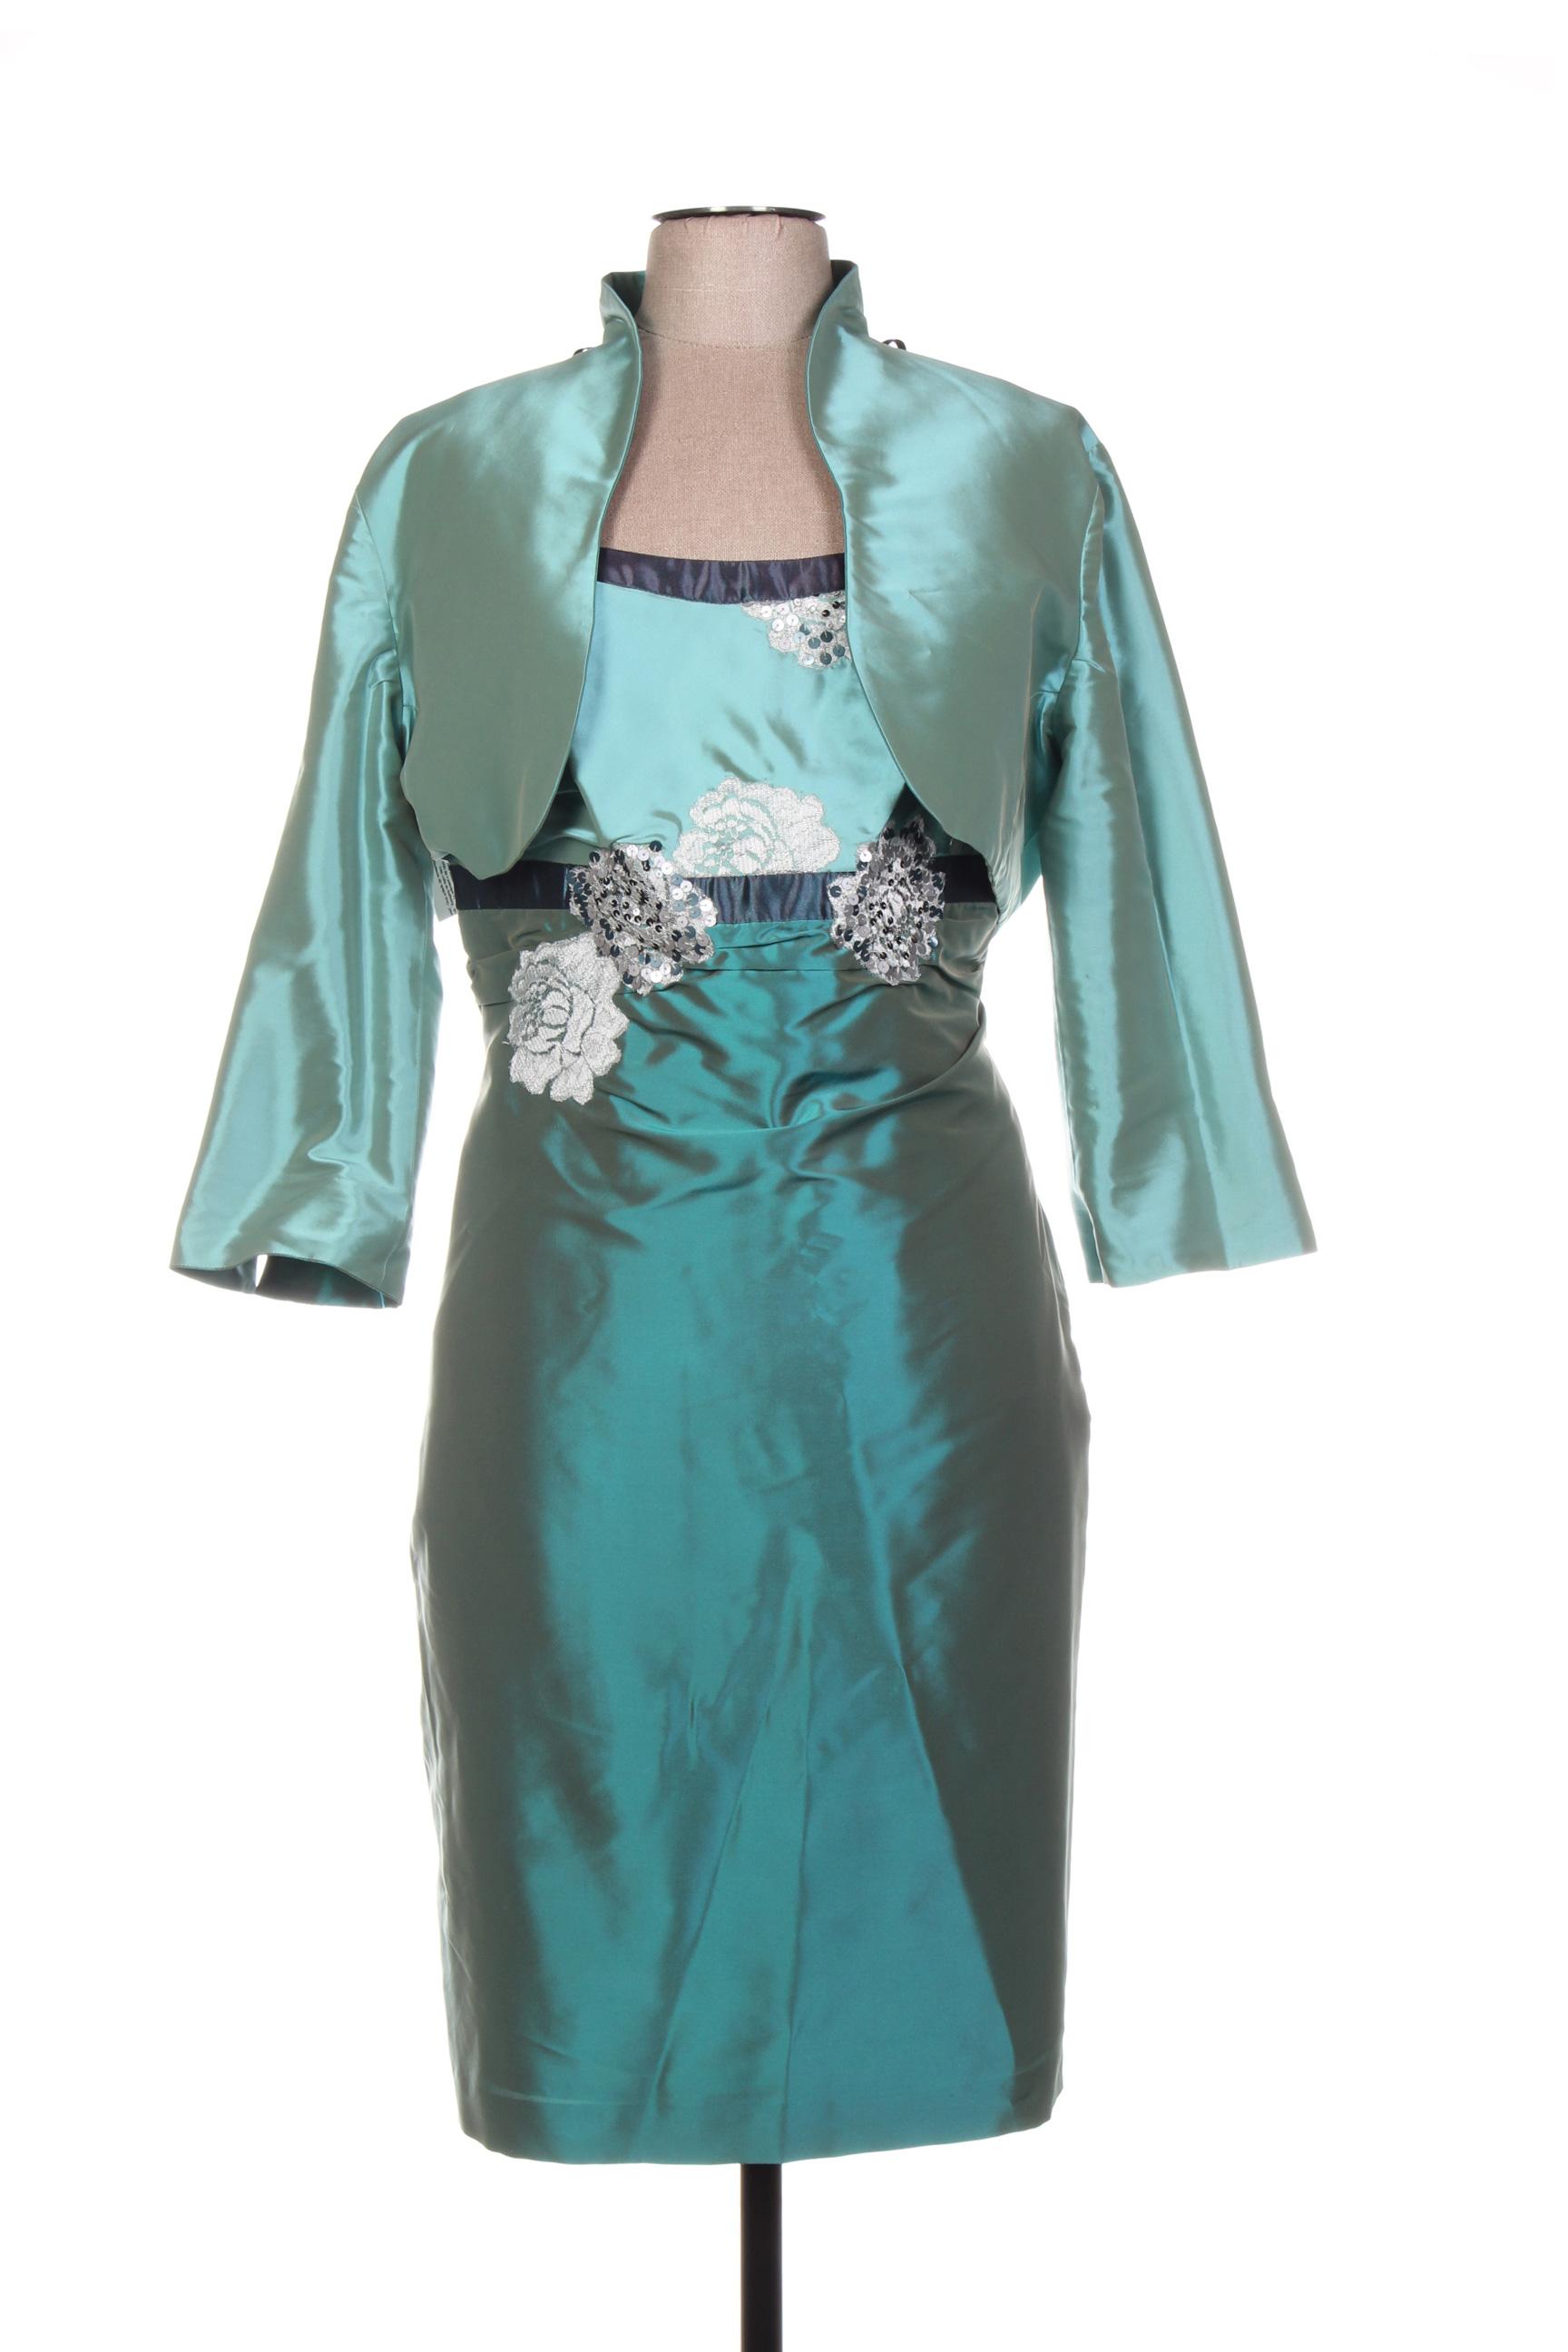 Linea Raffaelli Robe Veste Femme De Couleur Bleu En Soldes Pas Cher 1394493-bleu00